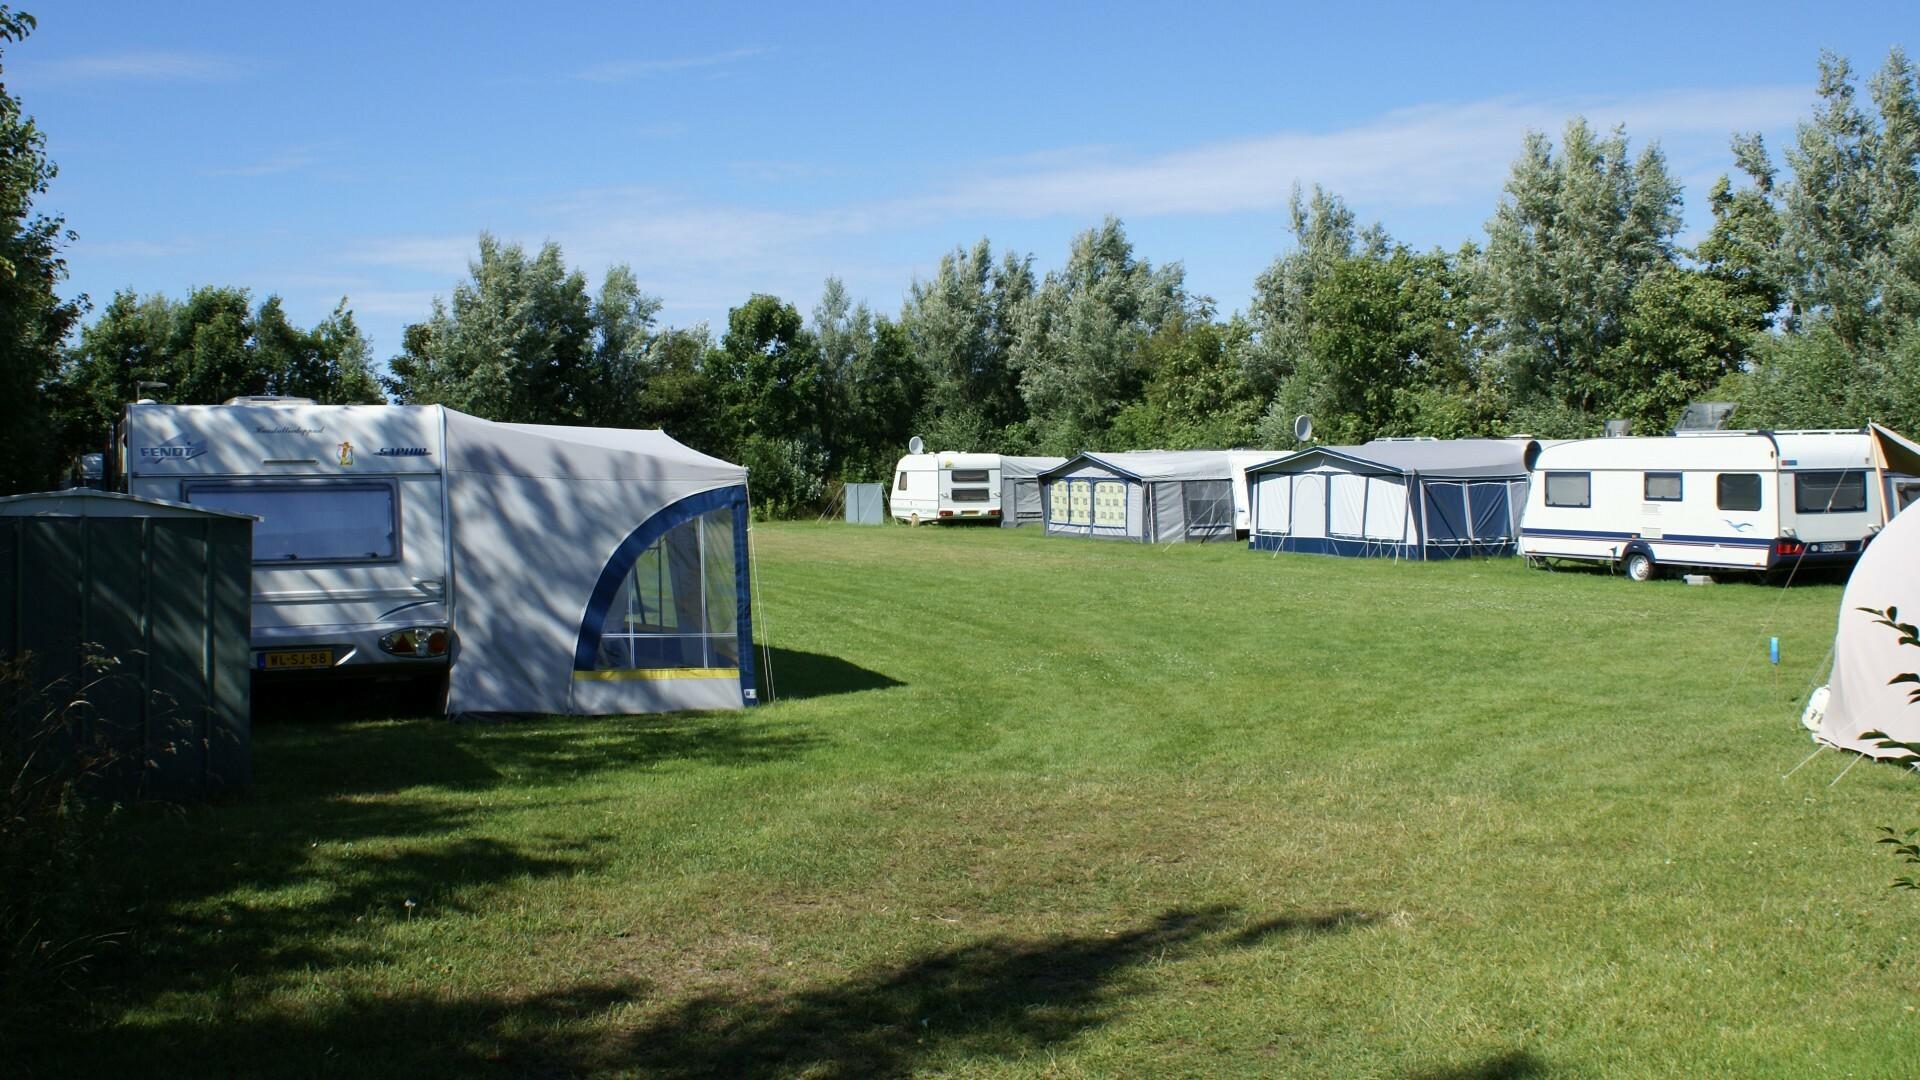 Camping Sumatra in De Cocksdorp VVV Texel